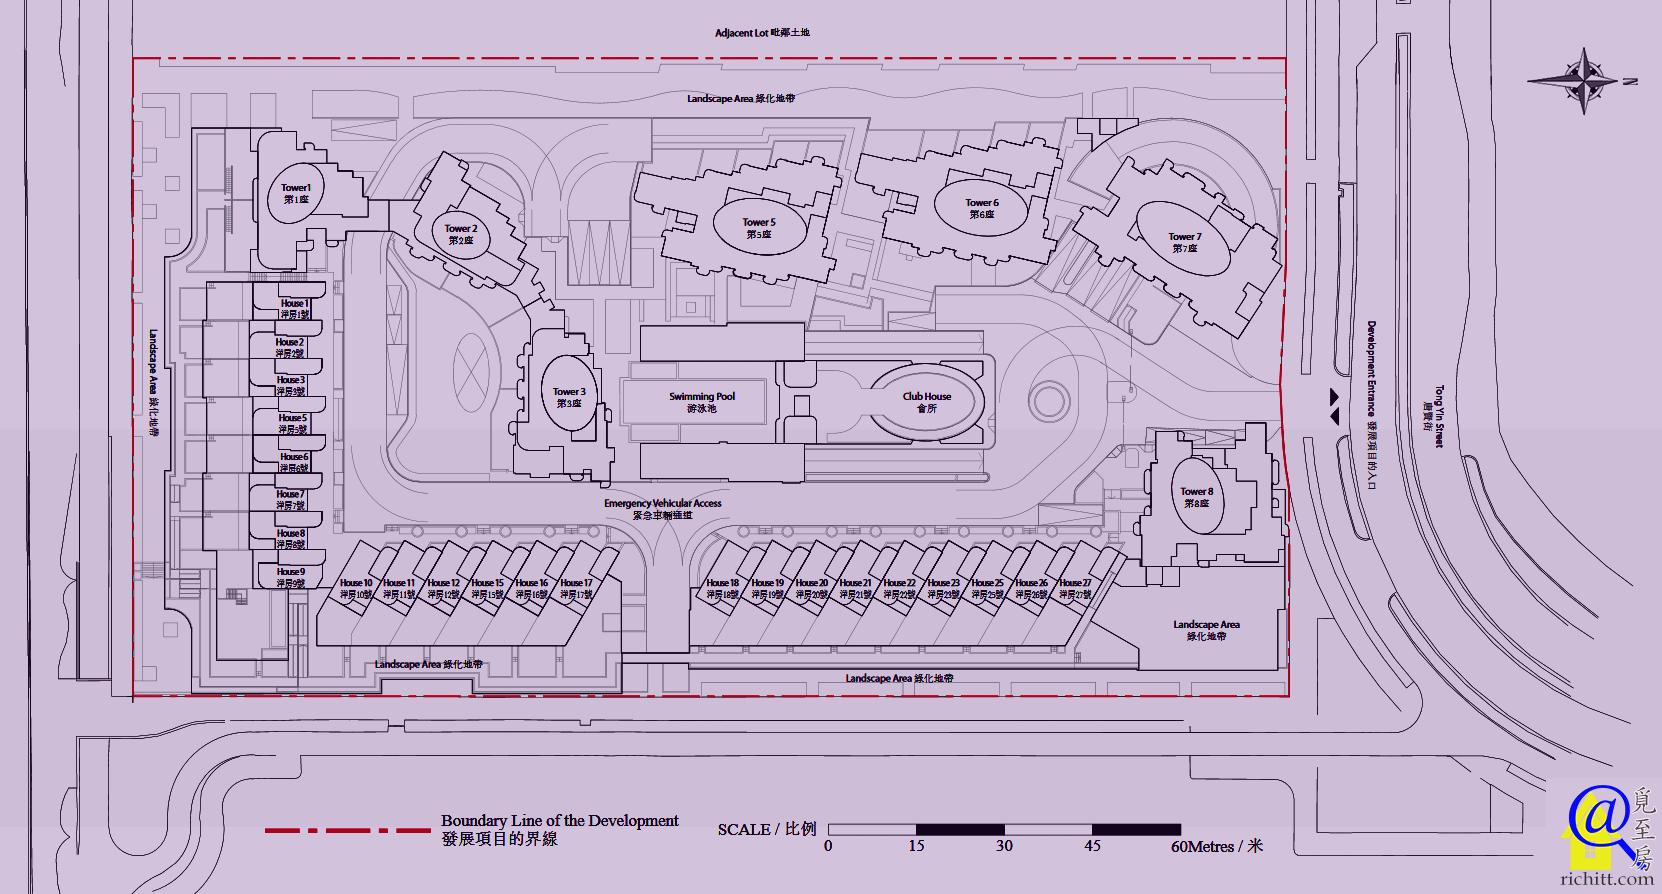 藍塘傲布局圖